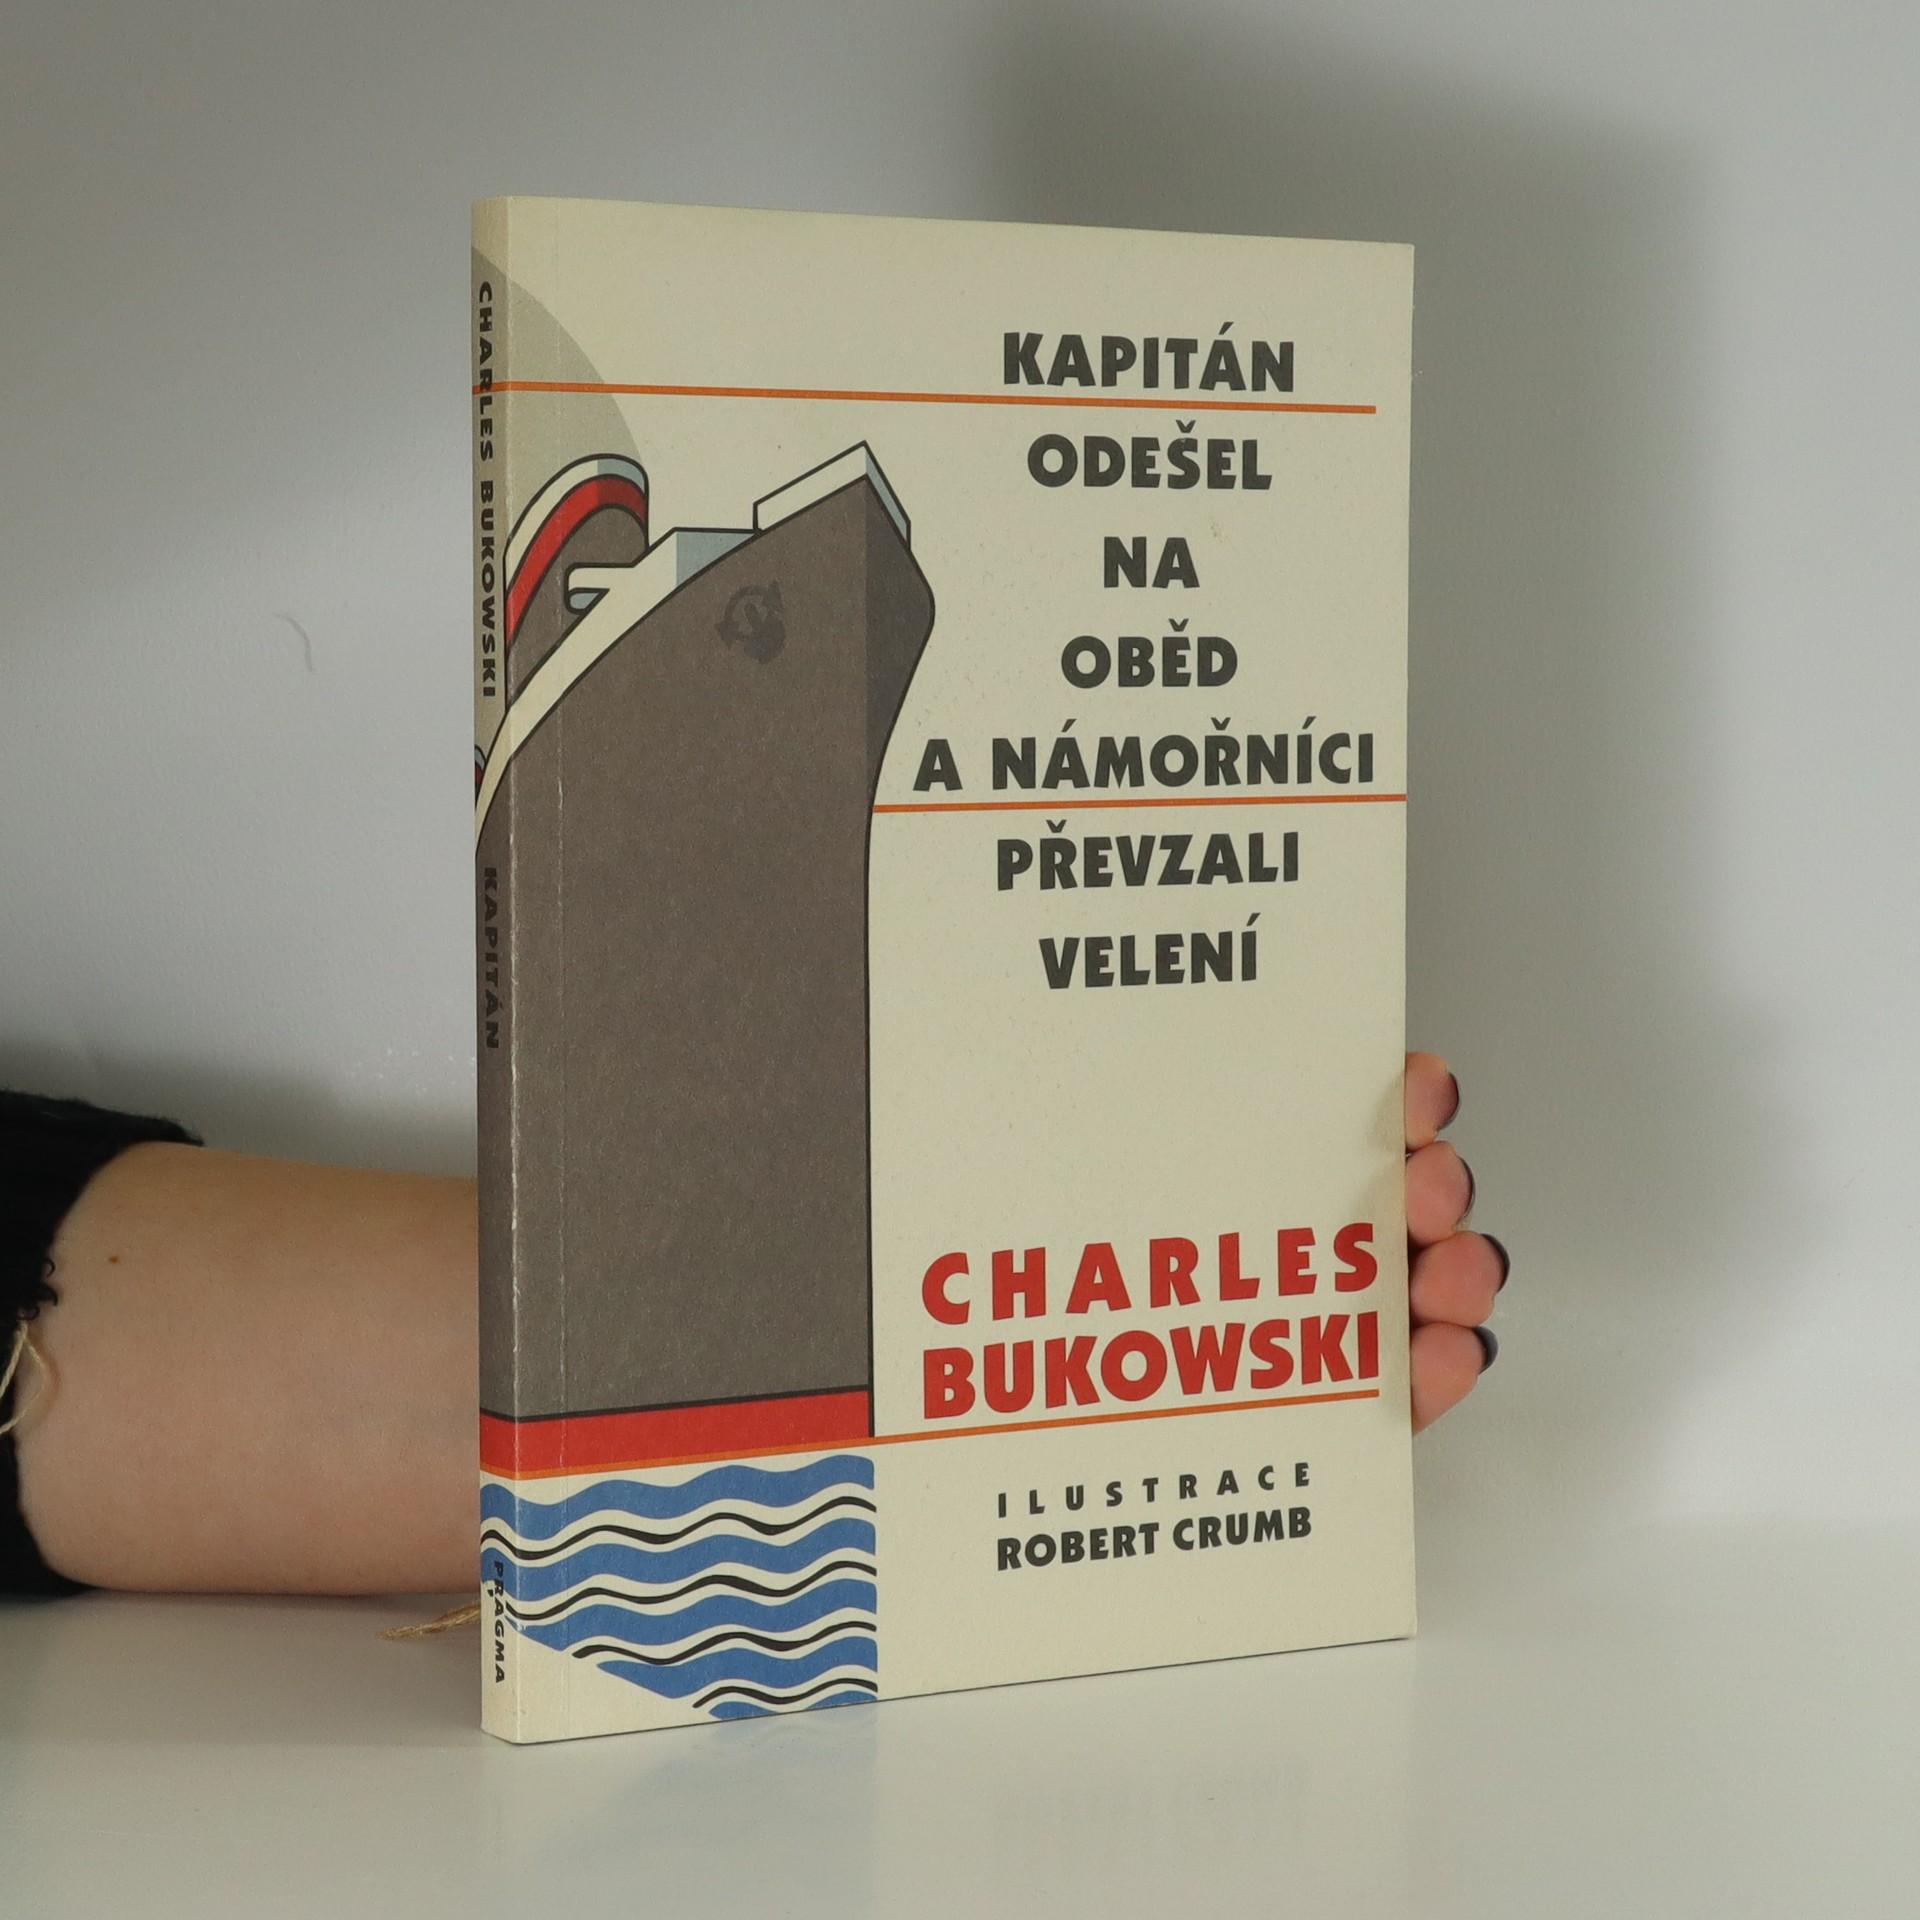 antikvární kniha Kapitán odešel na oběd a námořníci převzali velení, 2001